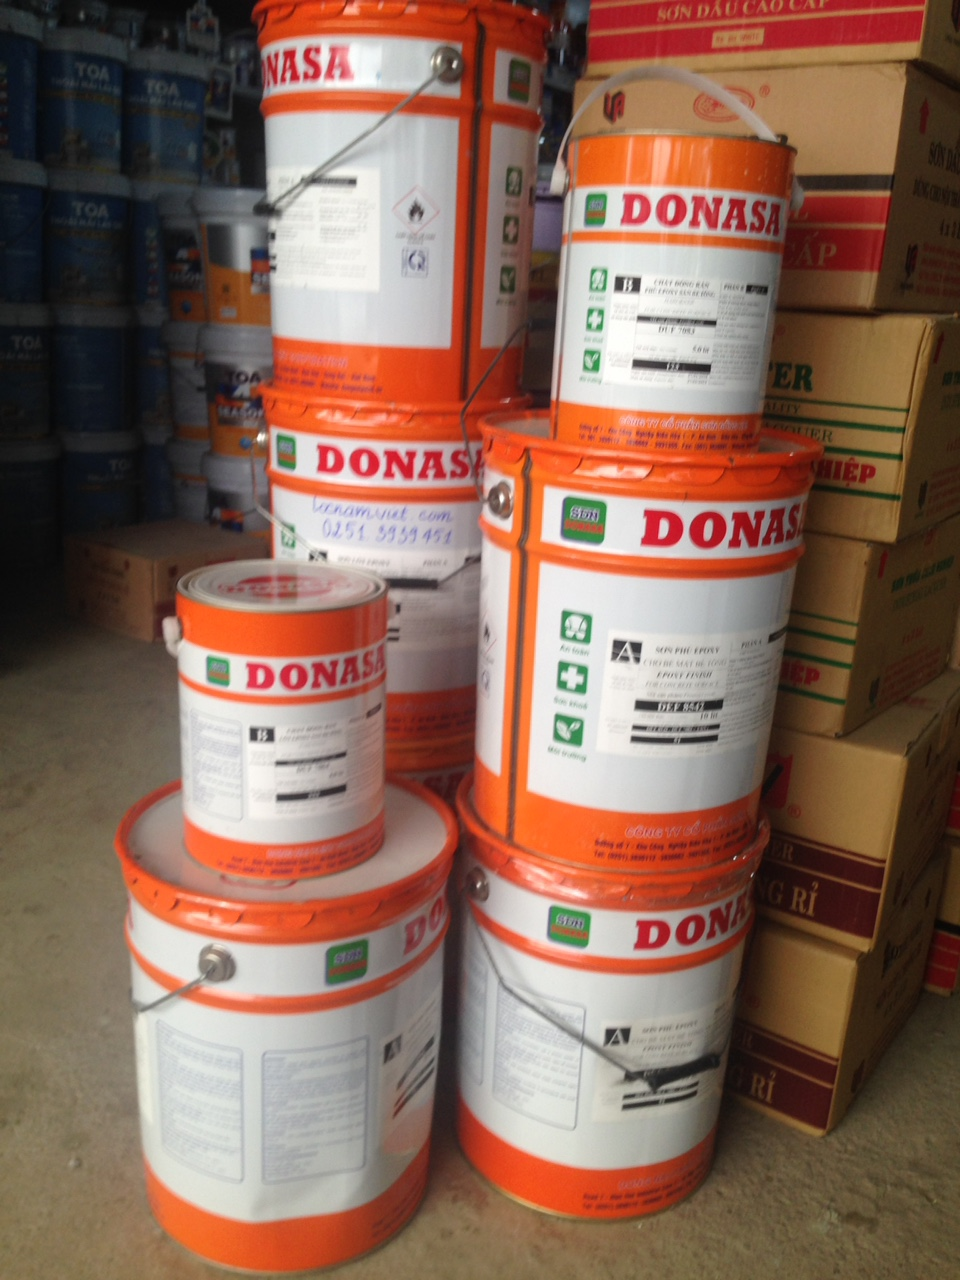 SON EPOXY DONASA (4)